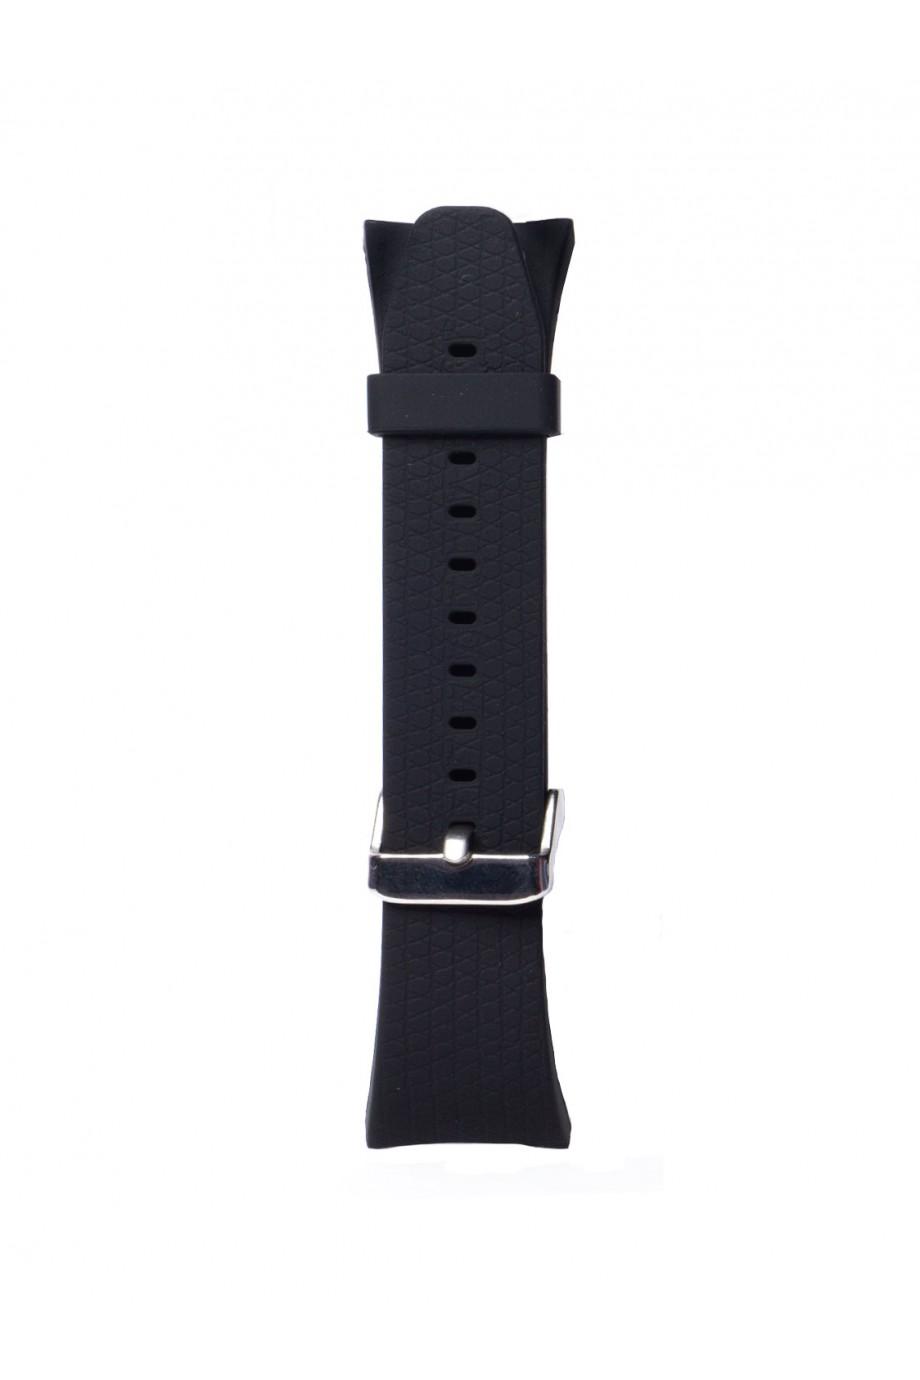 Силиконовый ремешок для Samsung Gear Fit 2 Pro, черный, FT-0012